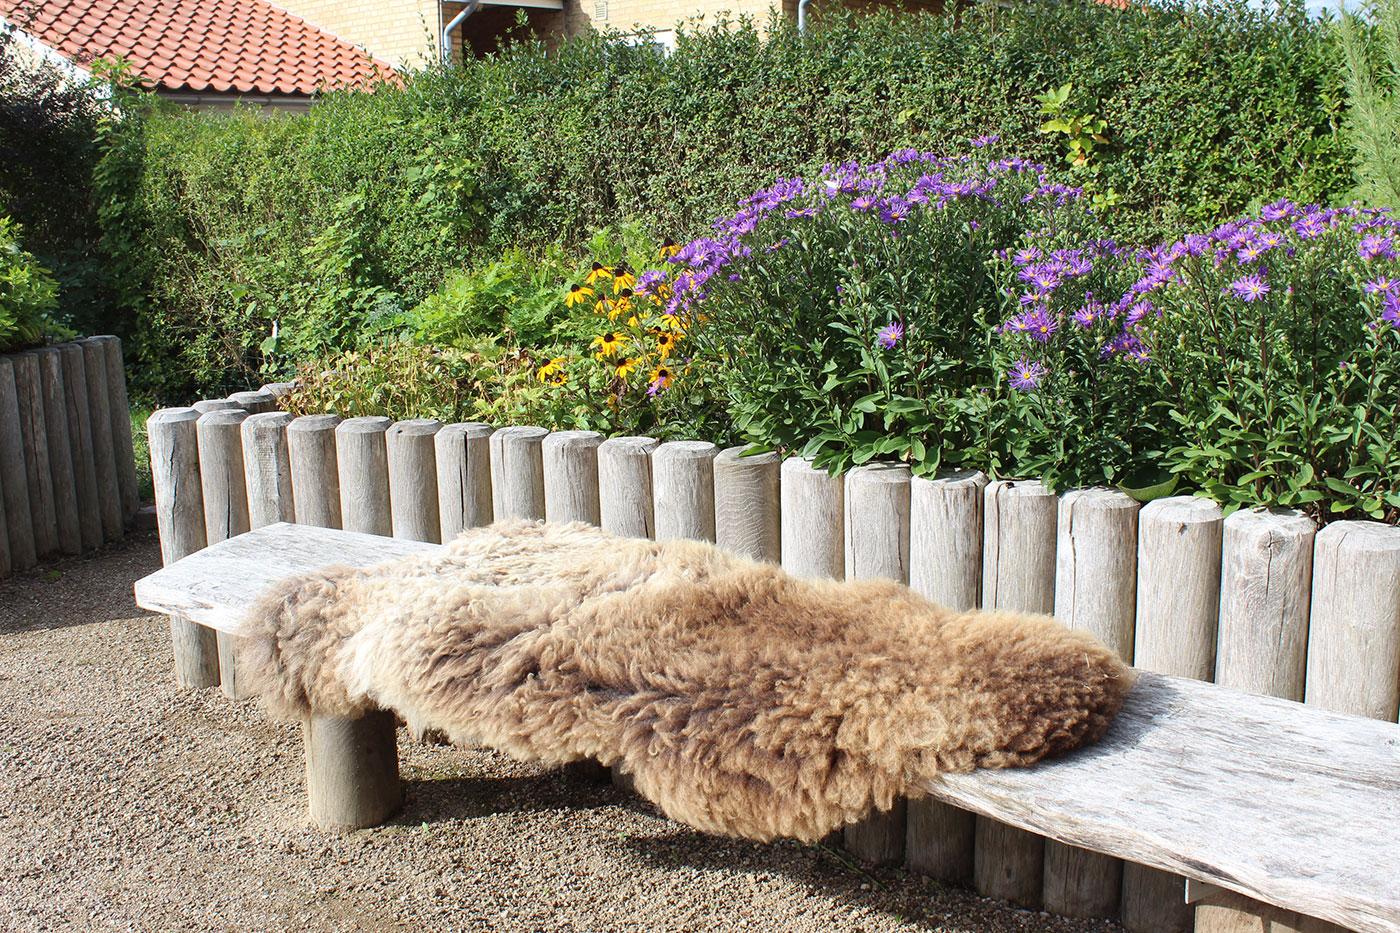 Træbænk står foran blomsterbed. På bænk ligger lammeskind.